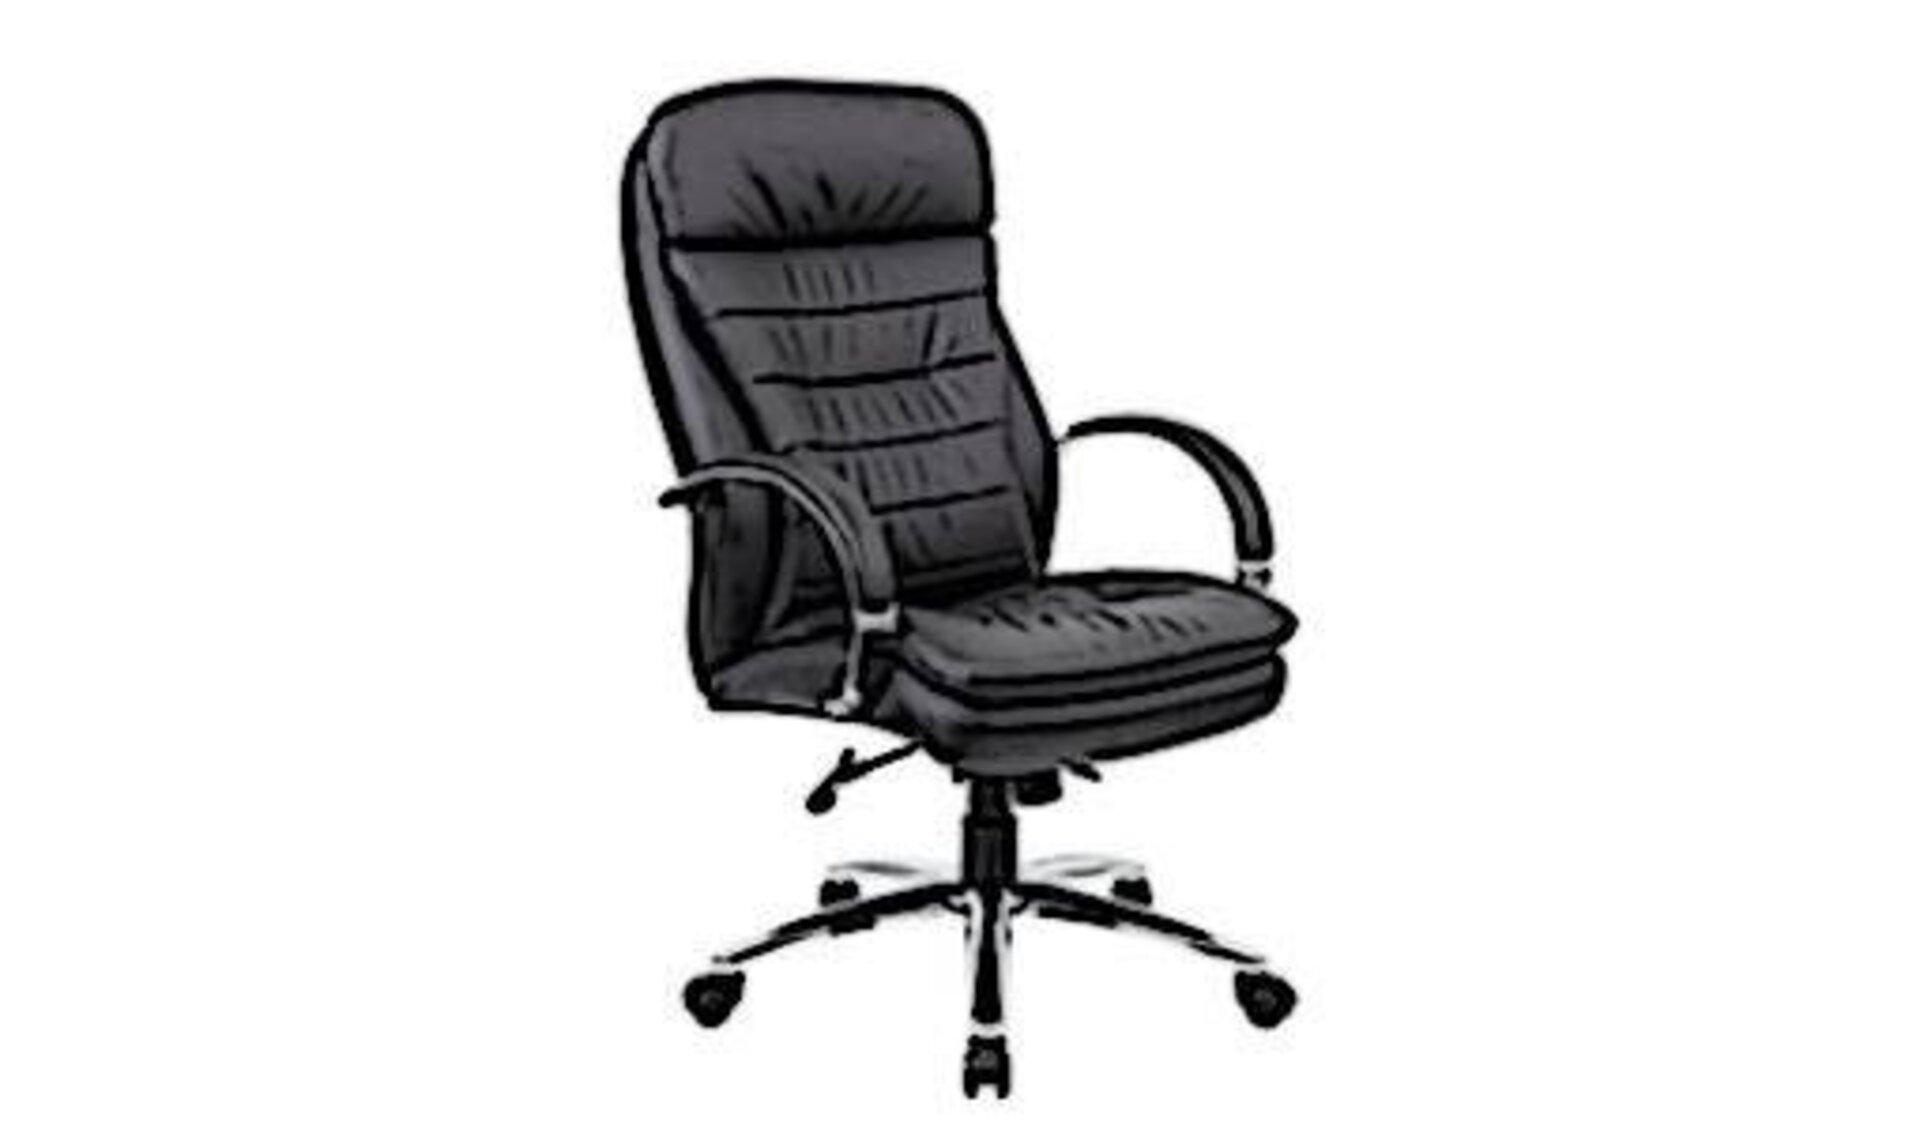 Chefsessel aus dunklem Glattleder, dick gepolsterter Sitzfläche und Rückenlehne, sowie geschwungene Armlehnen. Die Abbildung steht für alle Chefsessel innerhalb der Kategorie der Bürostühle.